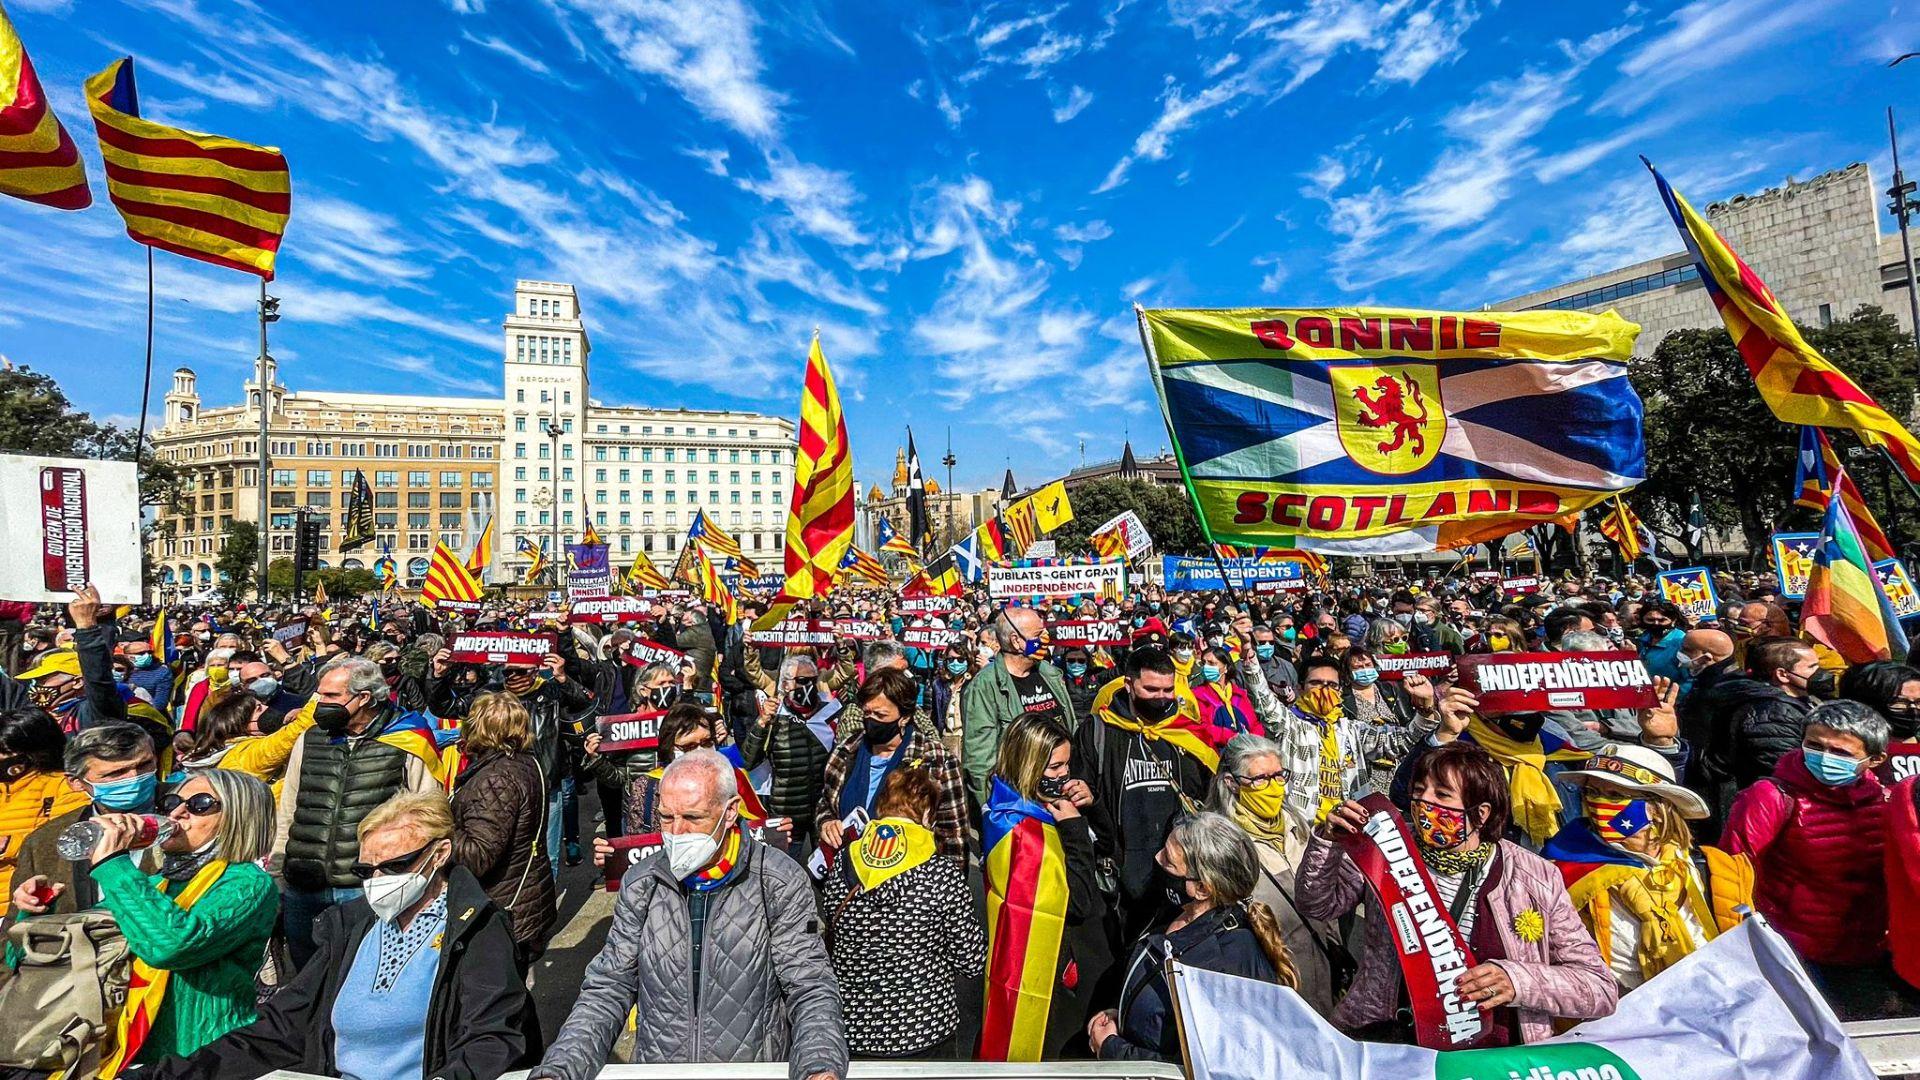 Marxa per la Unitat, la Reconciliació i la Independència Placa-catalunya-anc-2-280221